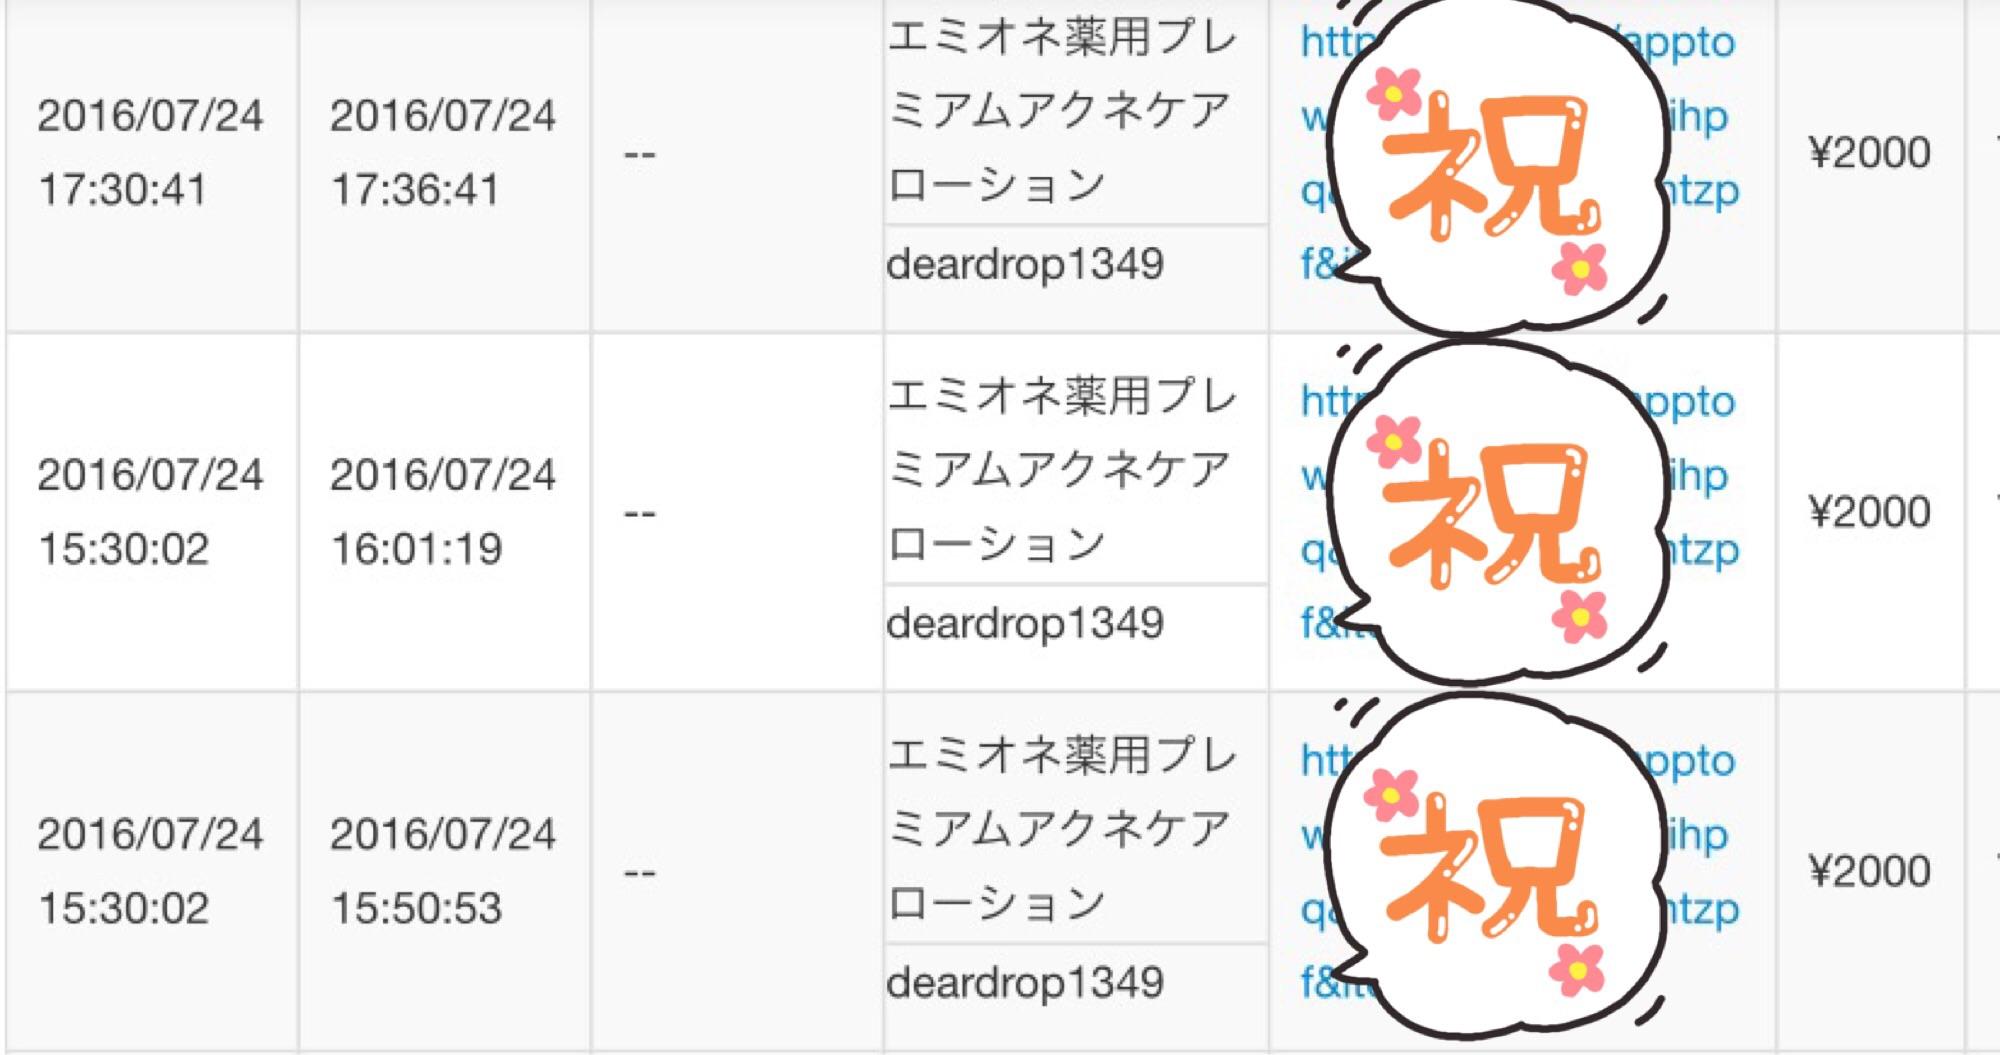 エミオネが3つもいきなり売れて日給14100円です。